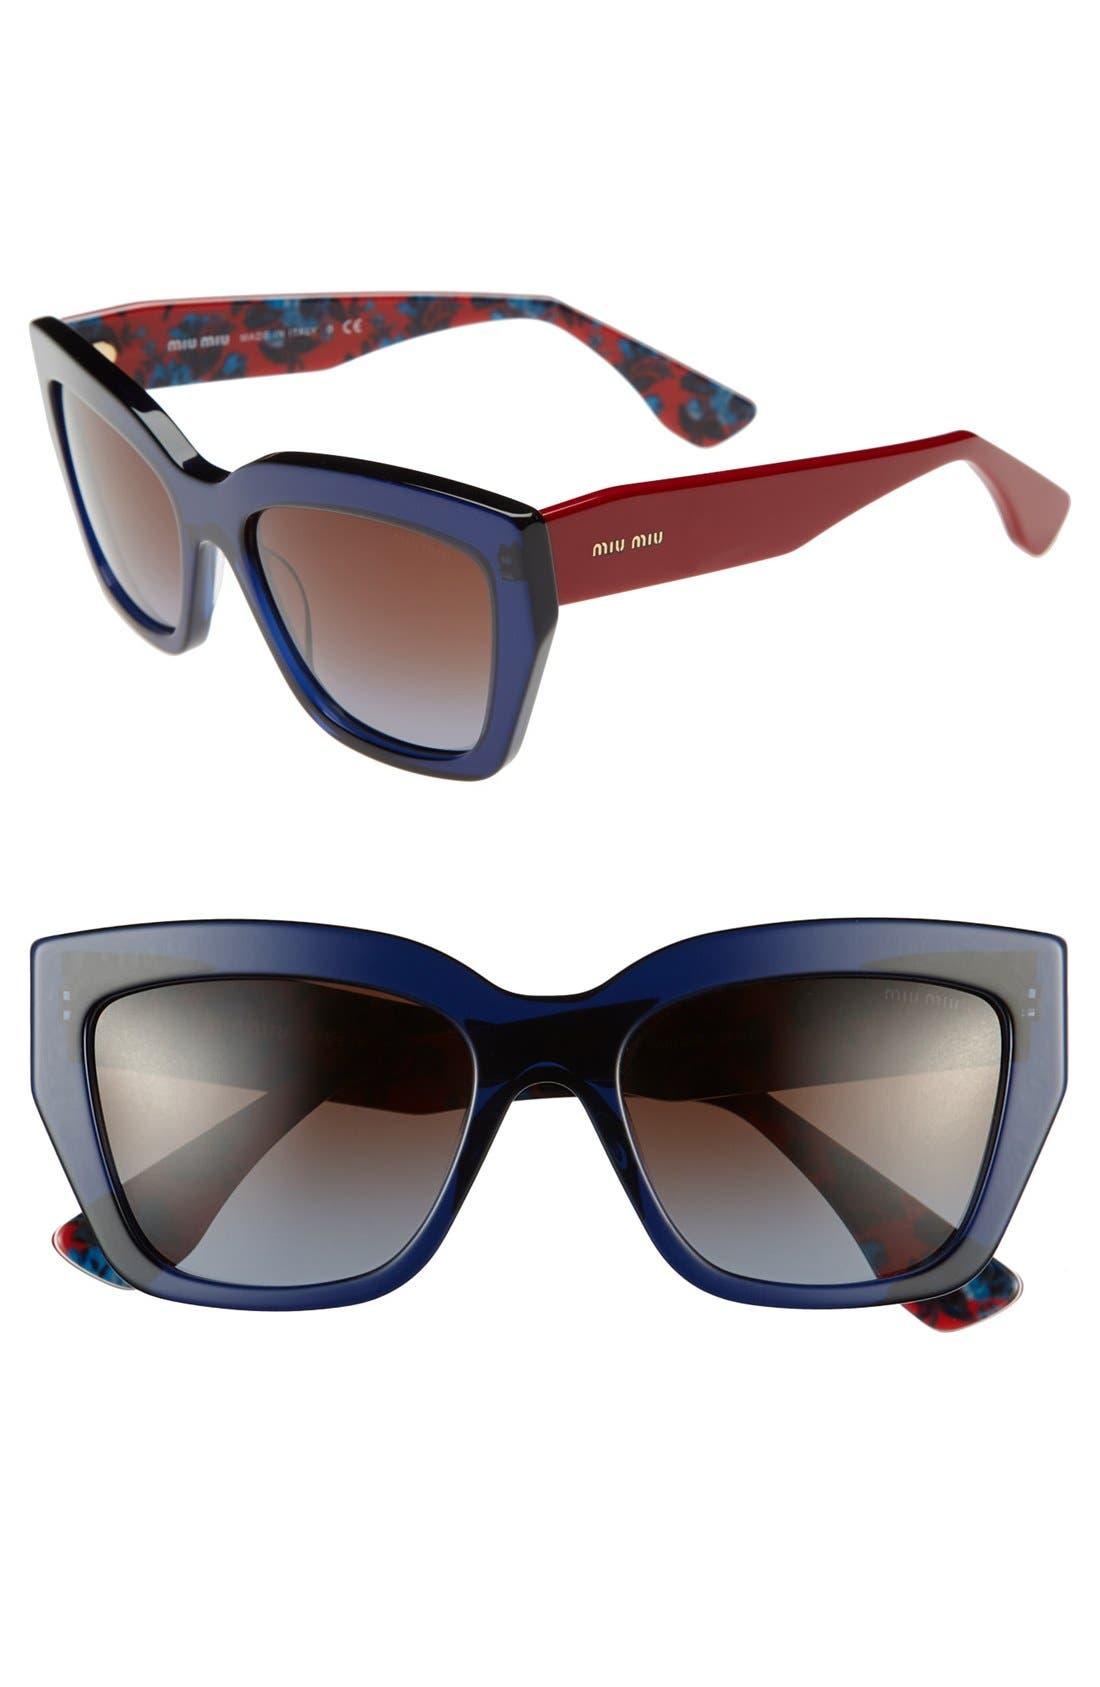 Main Image - Miu Miu 56mm Sunglasses